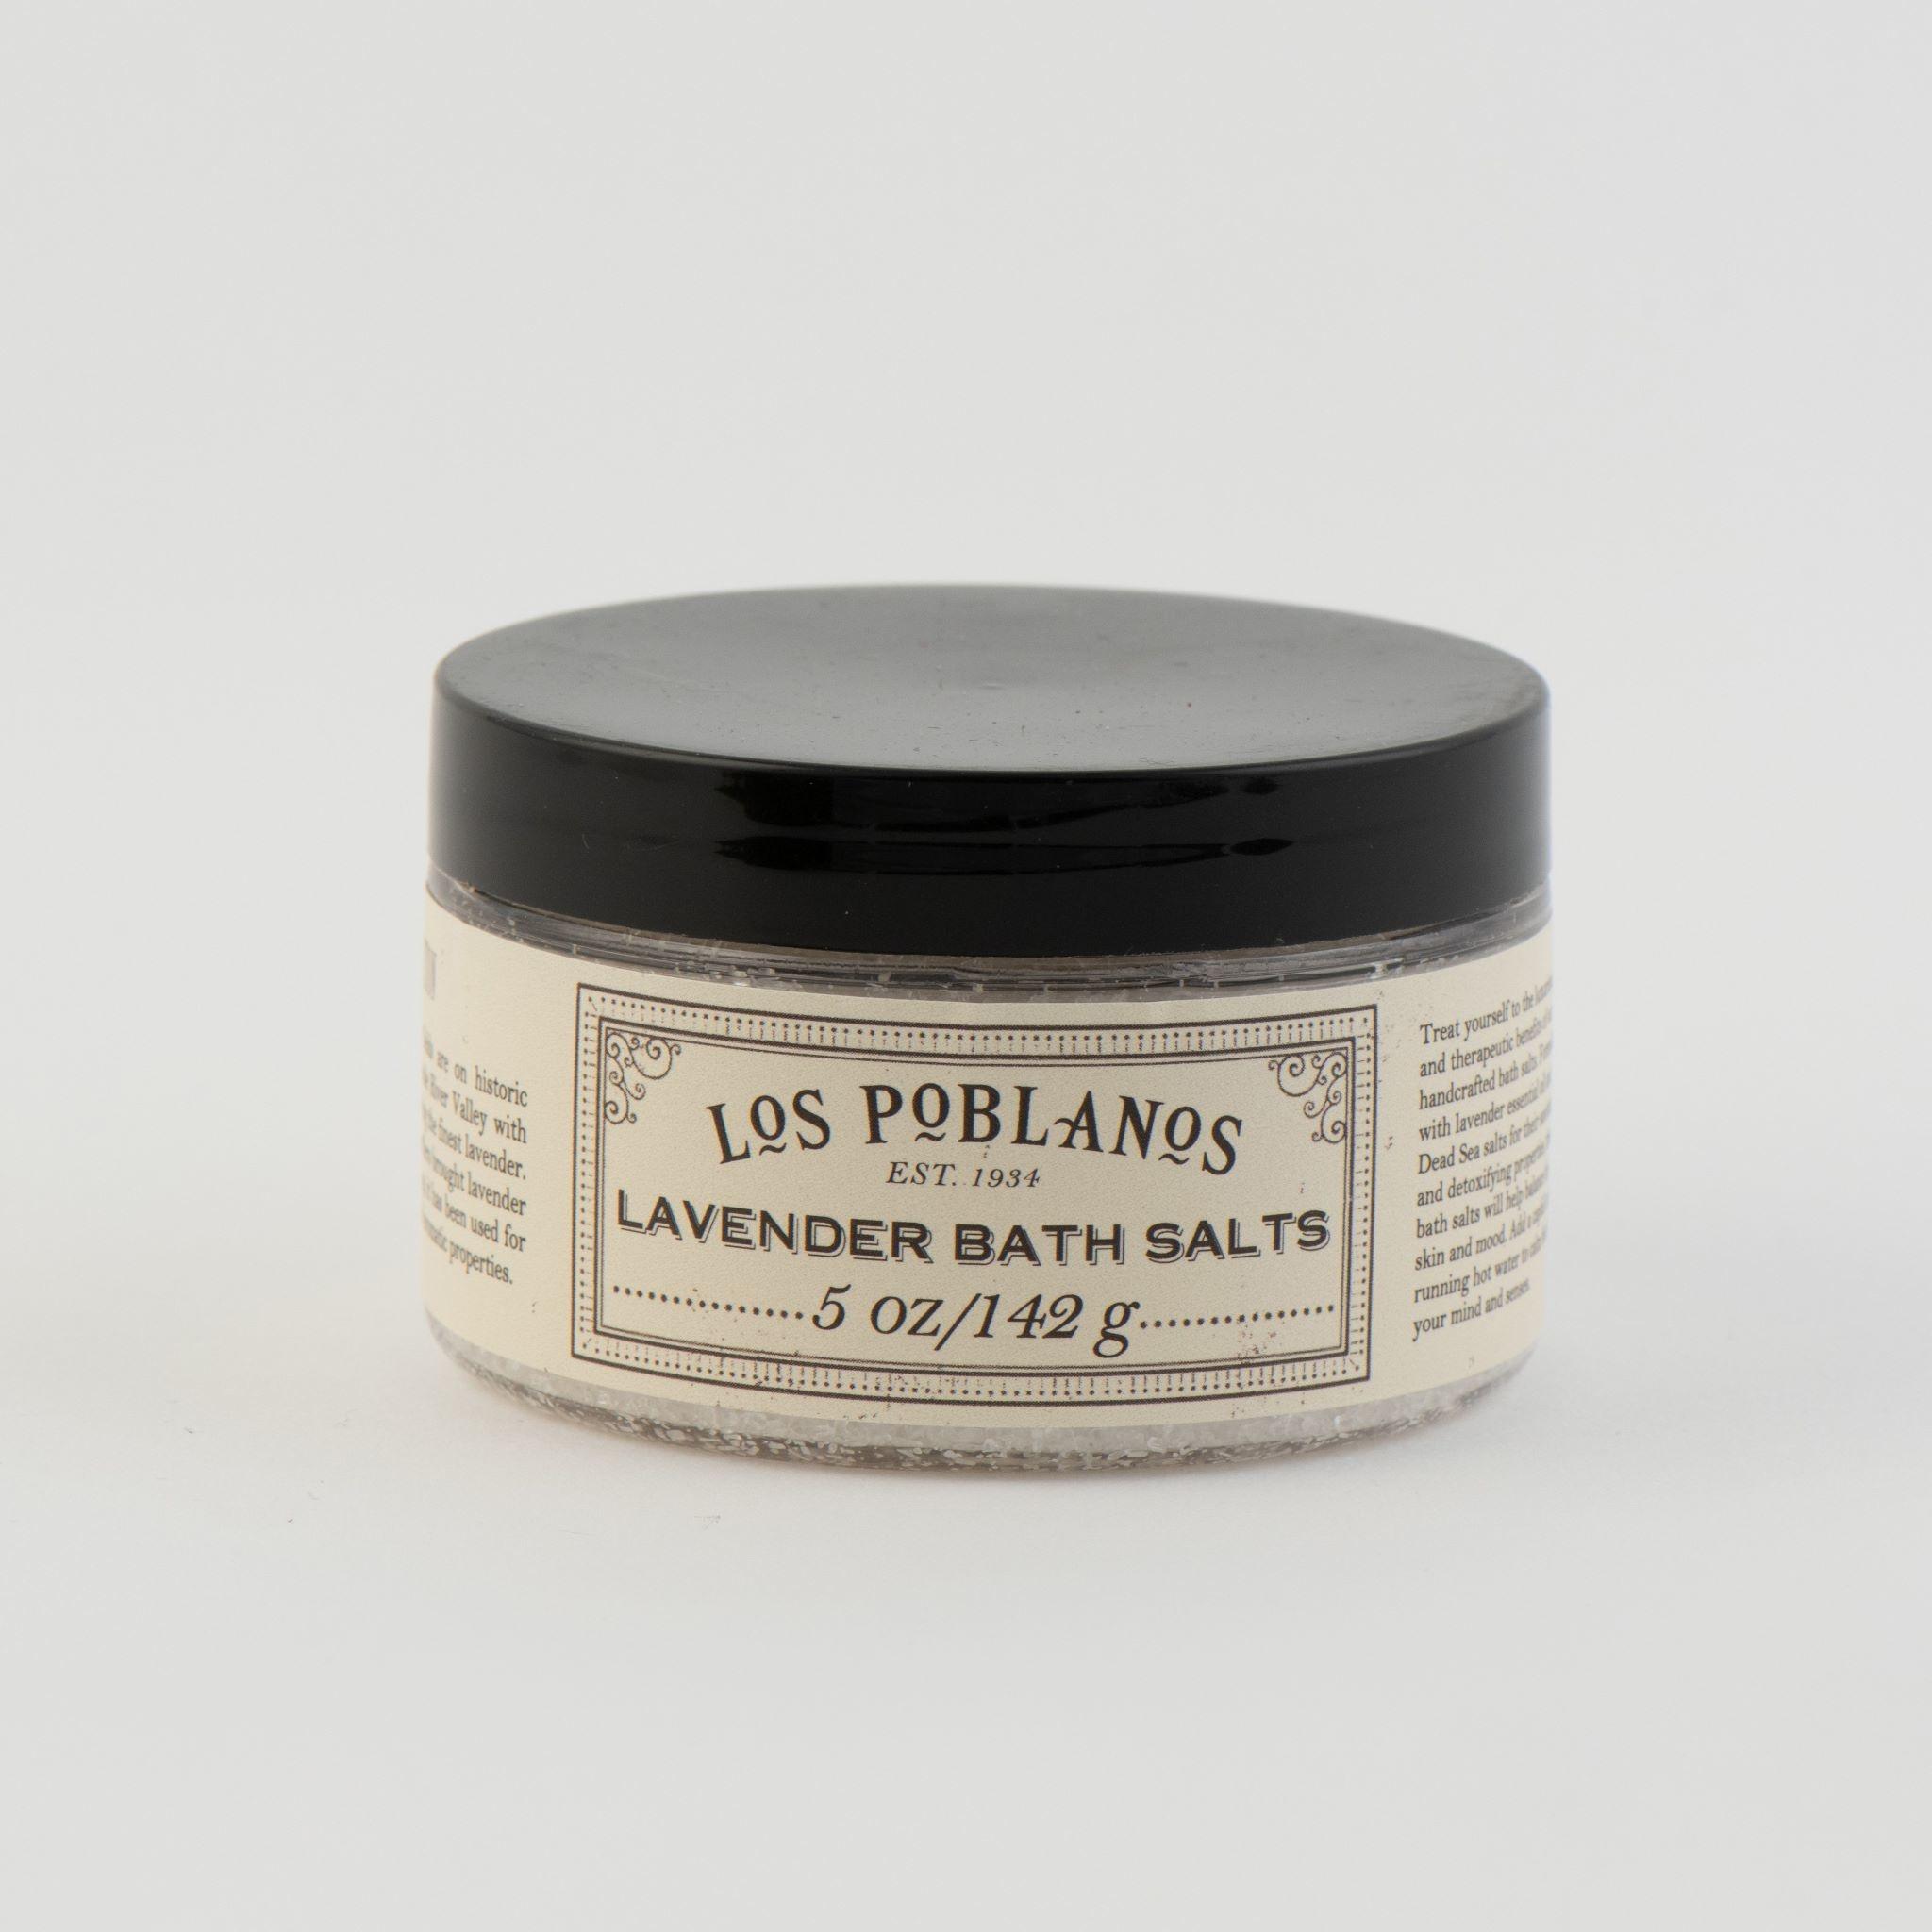 Los Poblanos Lavender Bath Salts